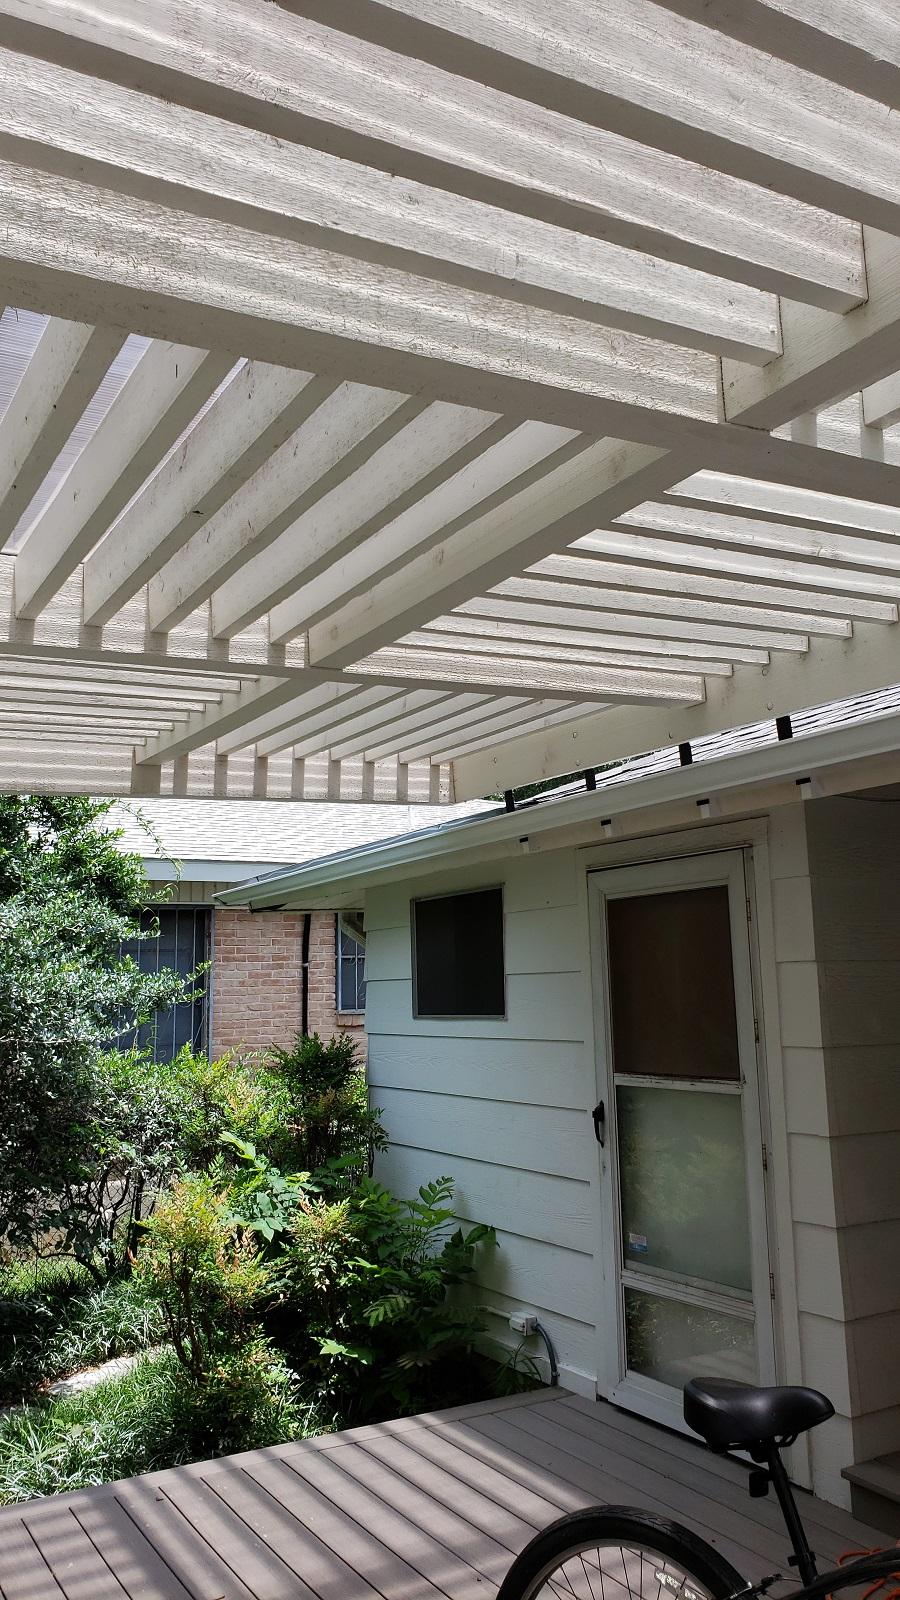 Details-of-pergola's-overhead-design